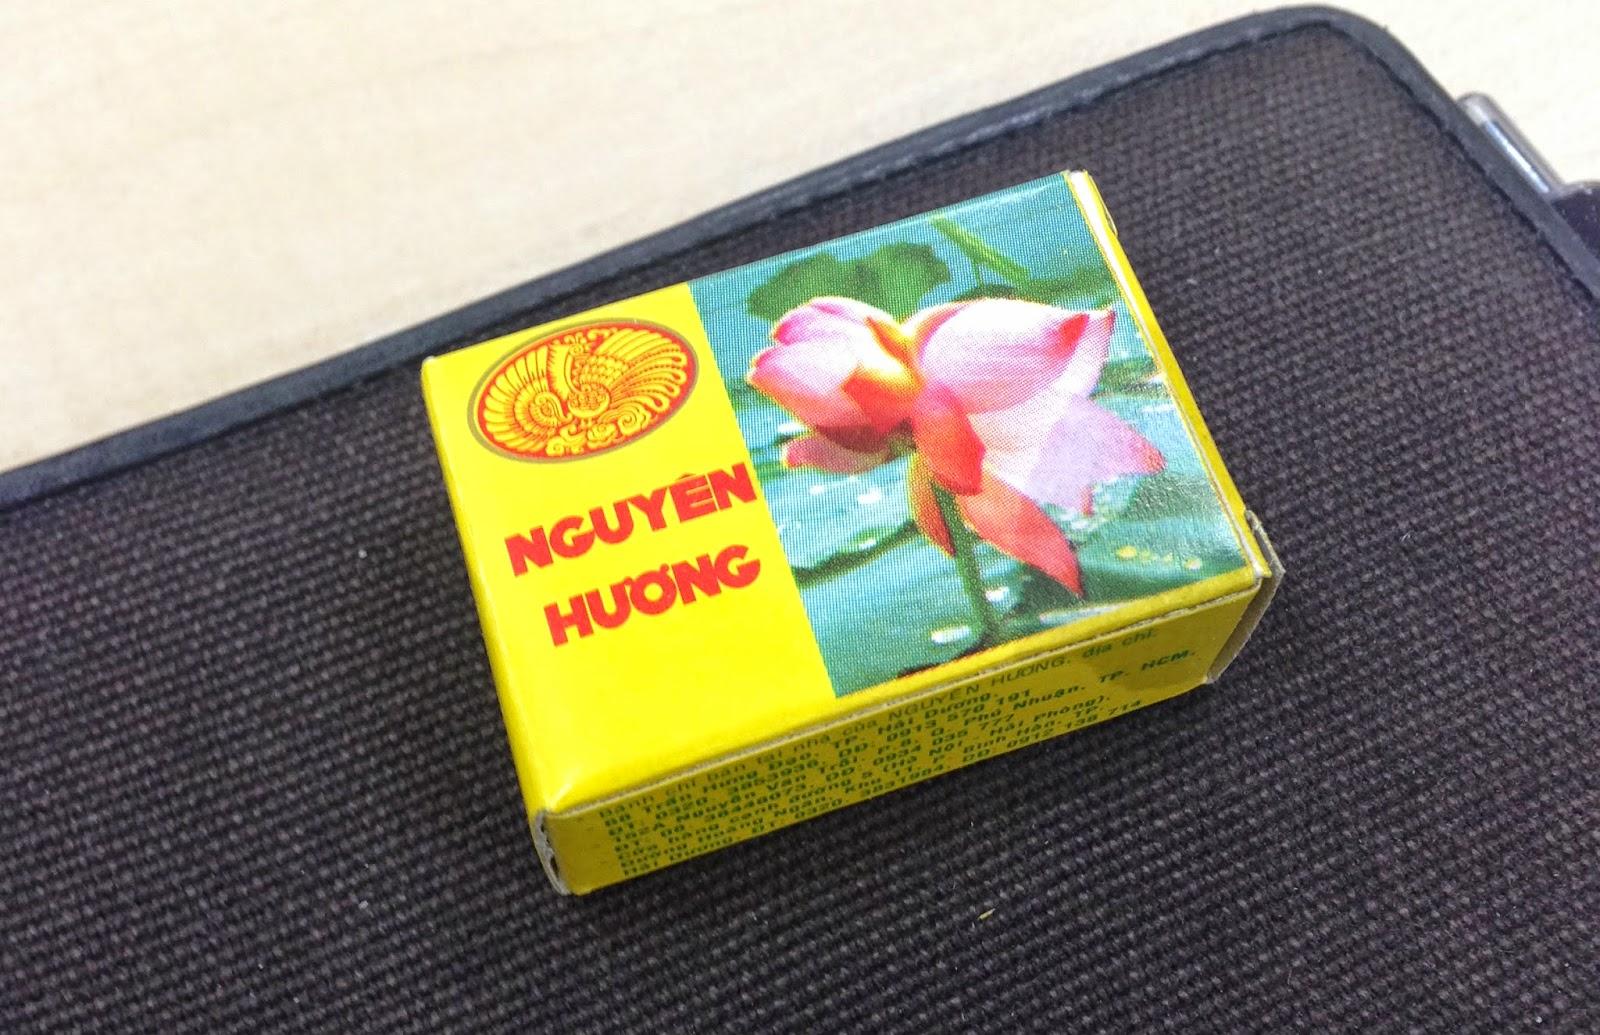 nguyen-huong ベトナムのきな粉風お菓子